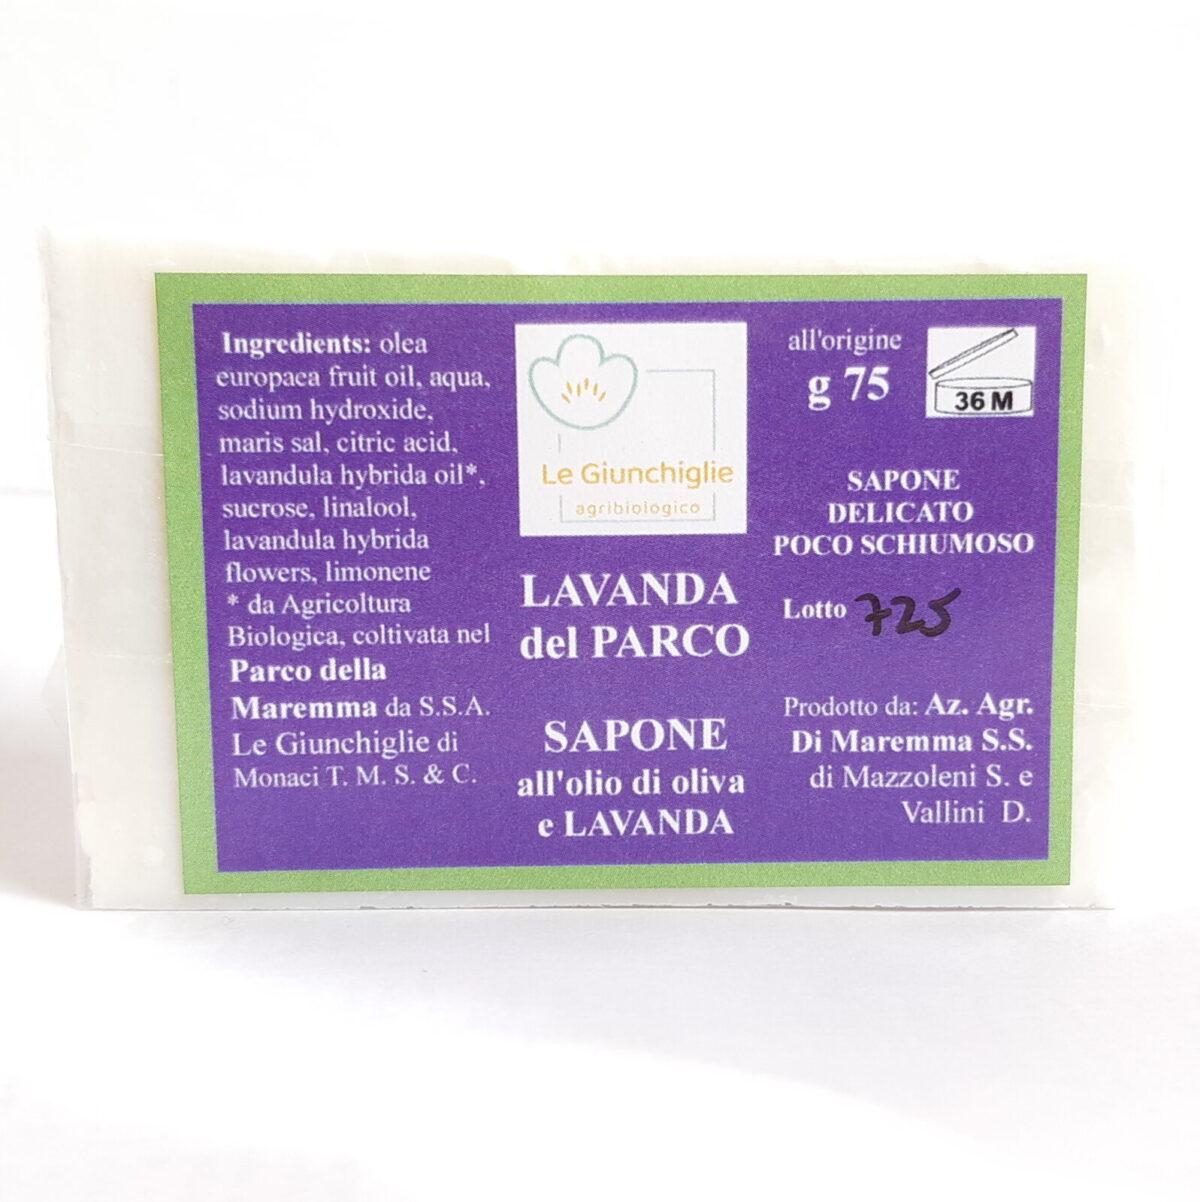 sapone solido alla lavanda bio